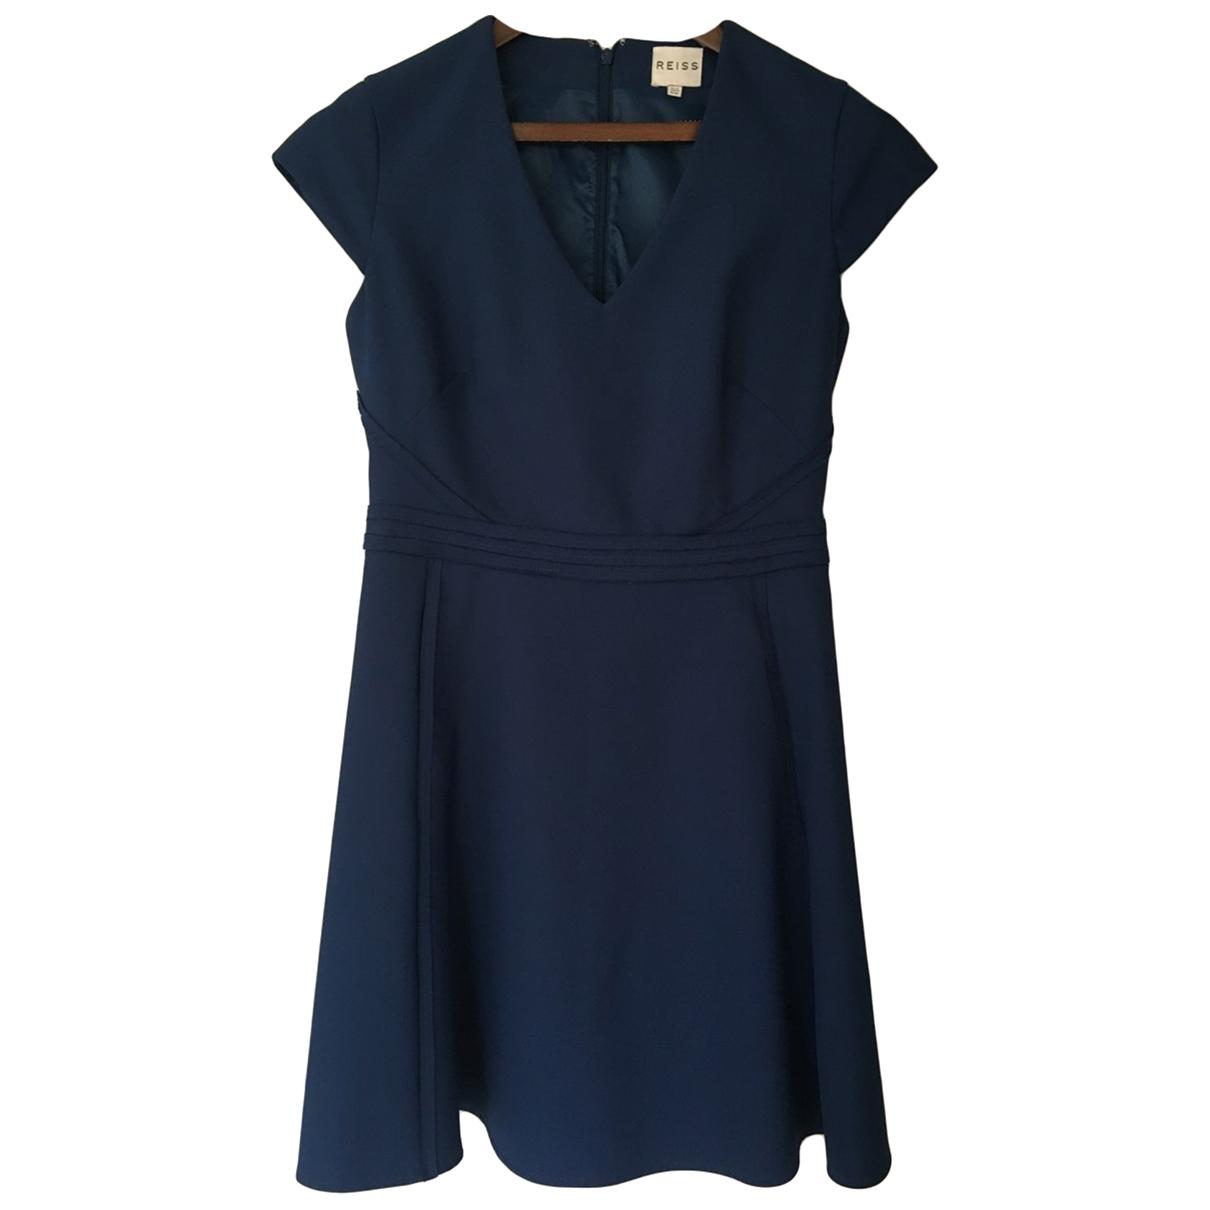 Reiss \N Blue dress for Women 12 UK